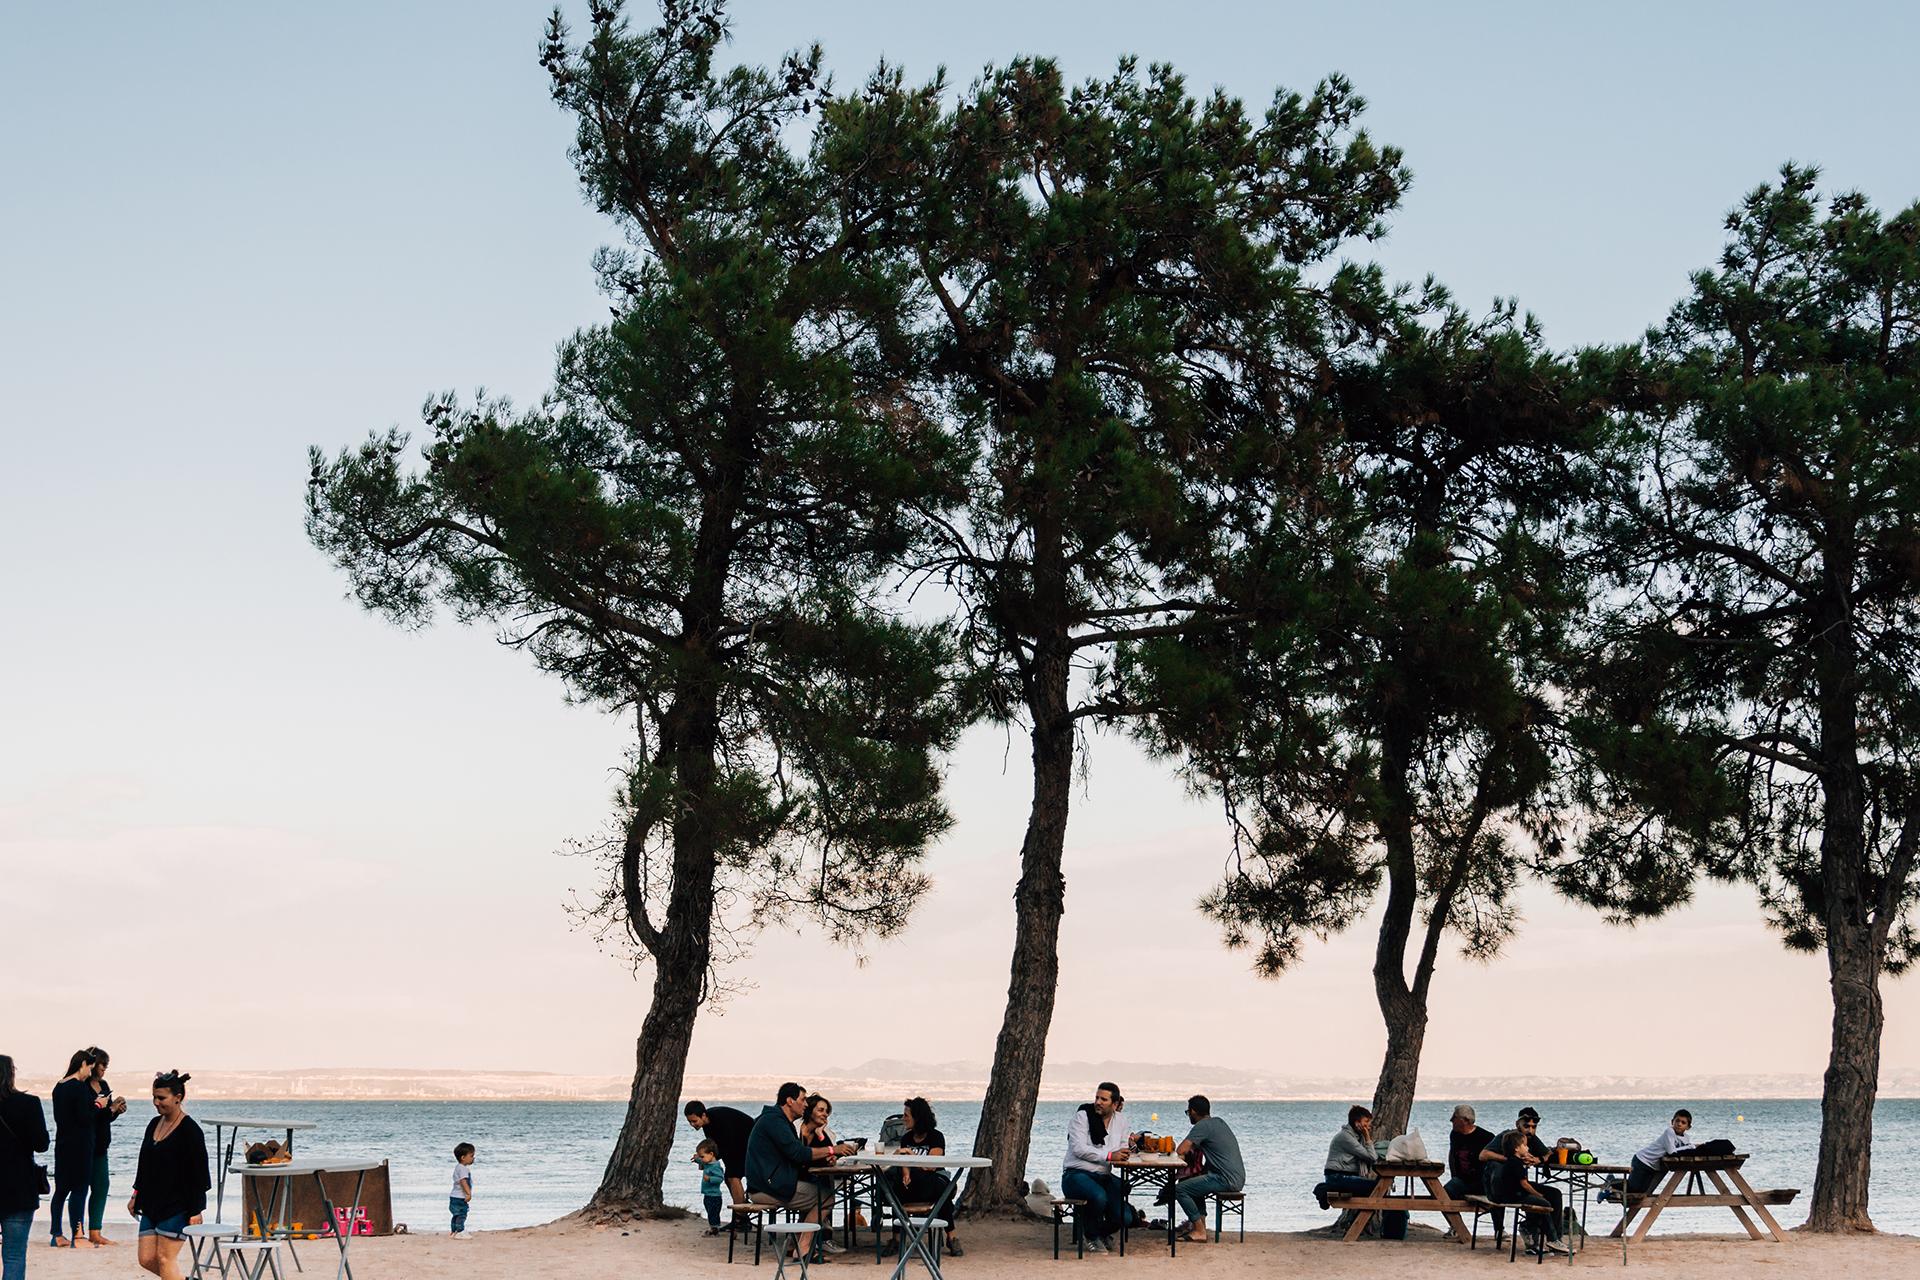 Guinguette et restauration sur la plage de la Romaniquette